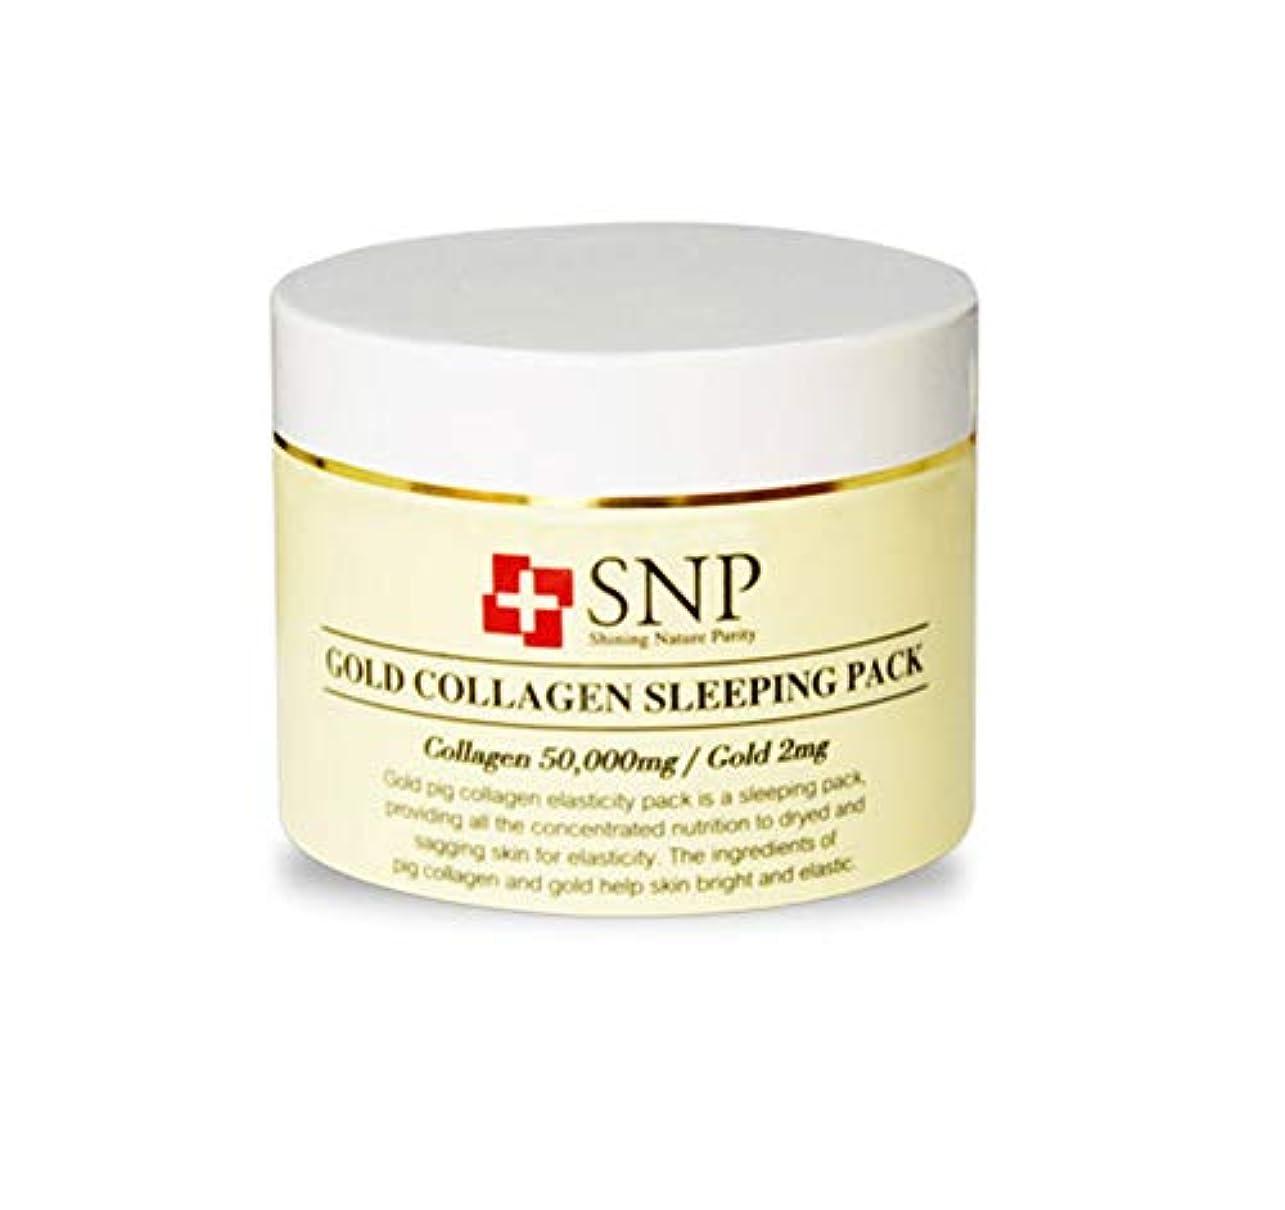 コンサルタントステレオタイプ慢性的エスエンピSNP 韓国コスメ ゴールドコラーゲンスリーピングパック睡眠パック100g 海外直送品 SNP Gold Collagen Sleeping Pack Night Cream [並行輸入品]